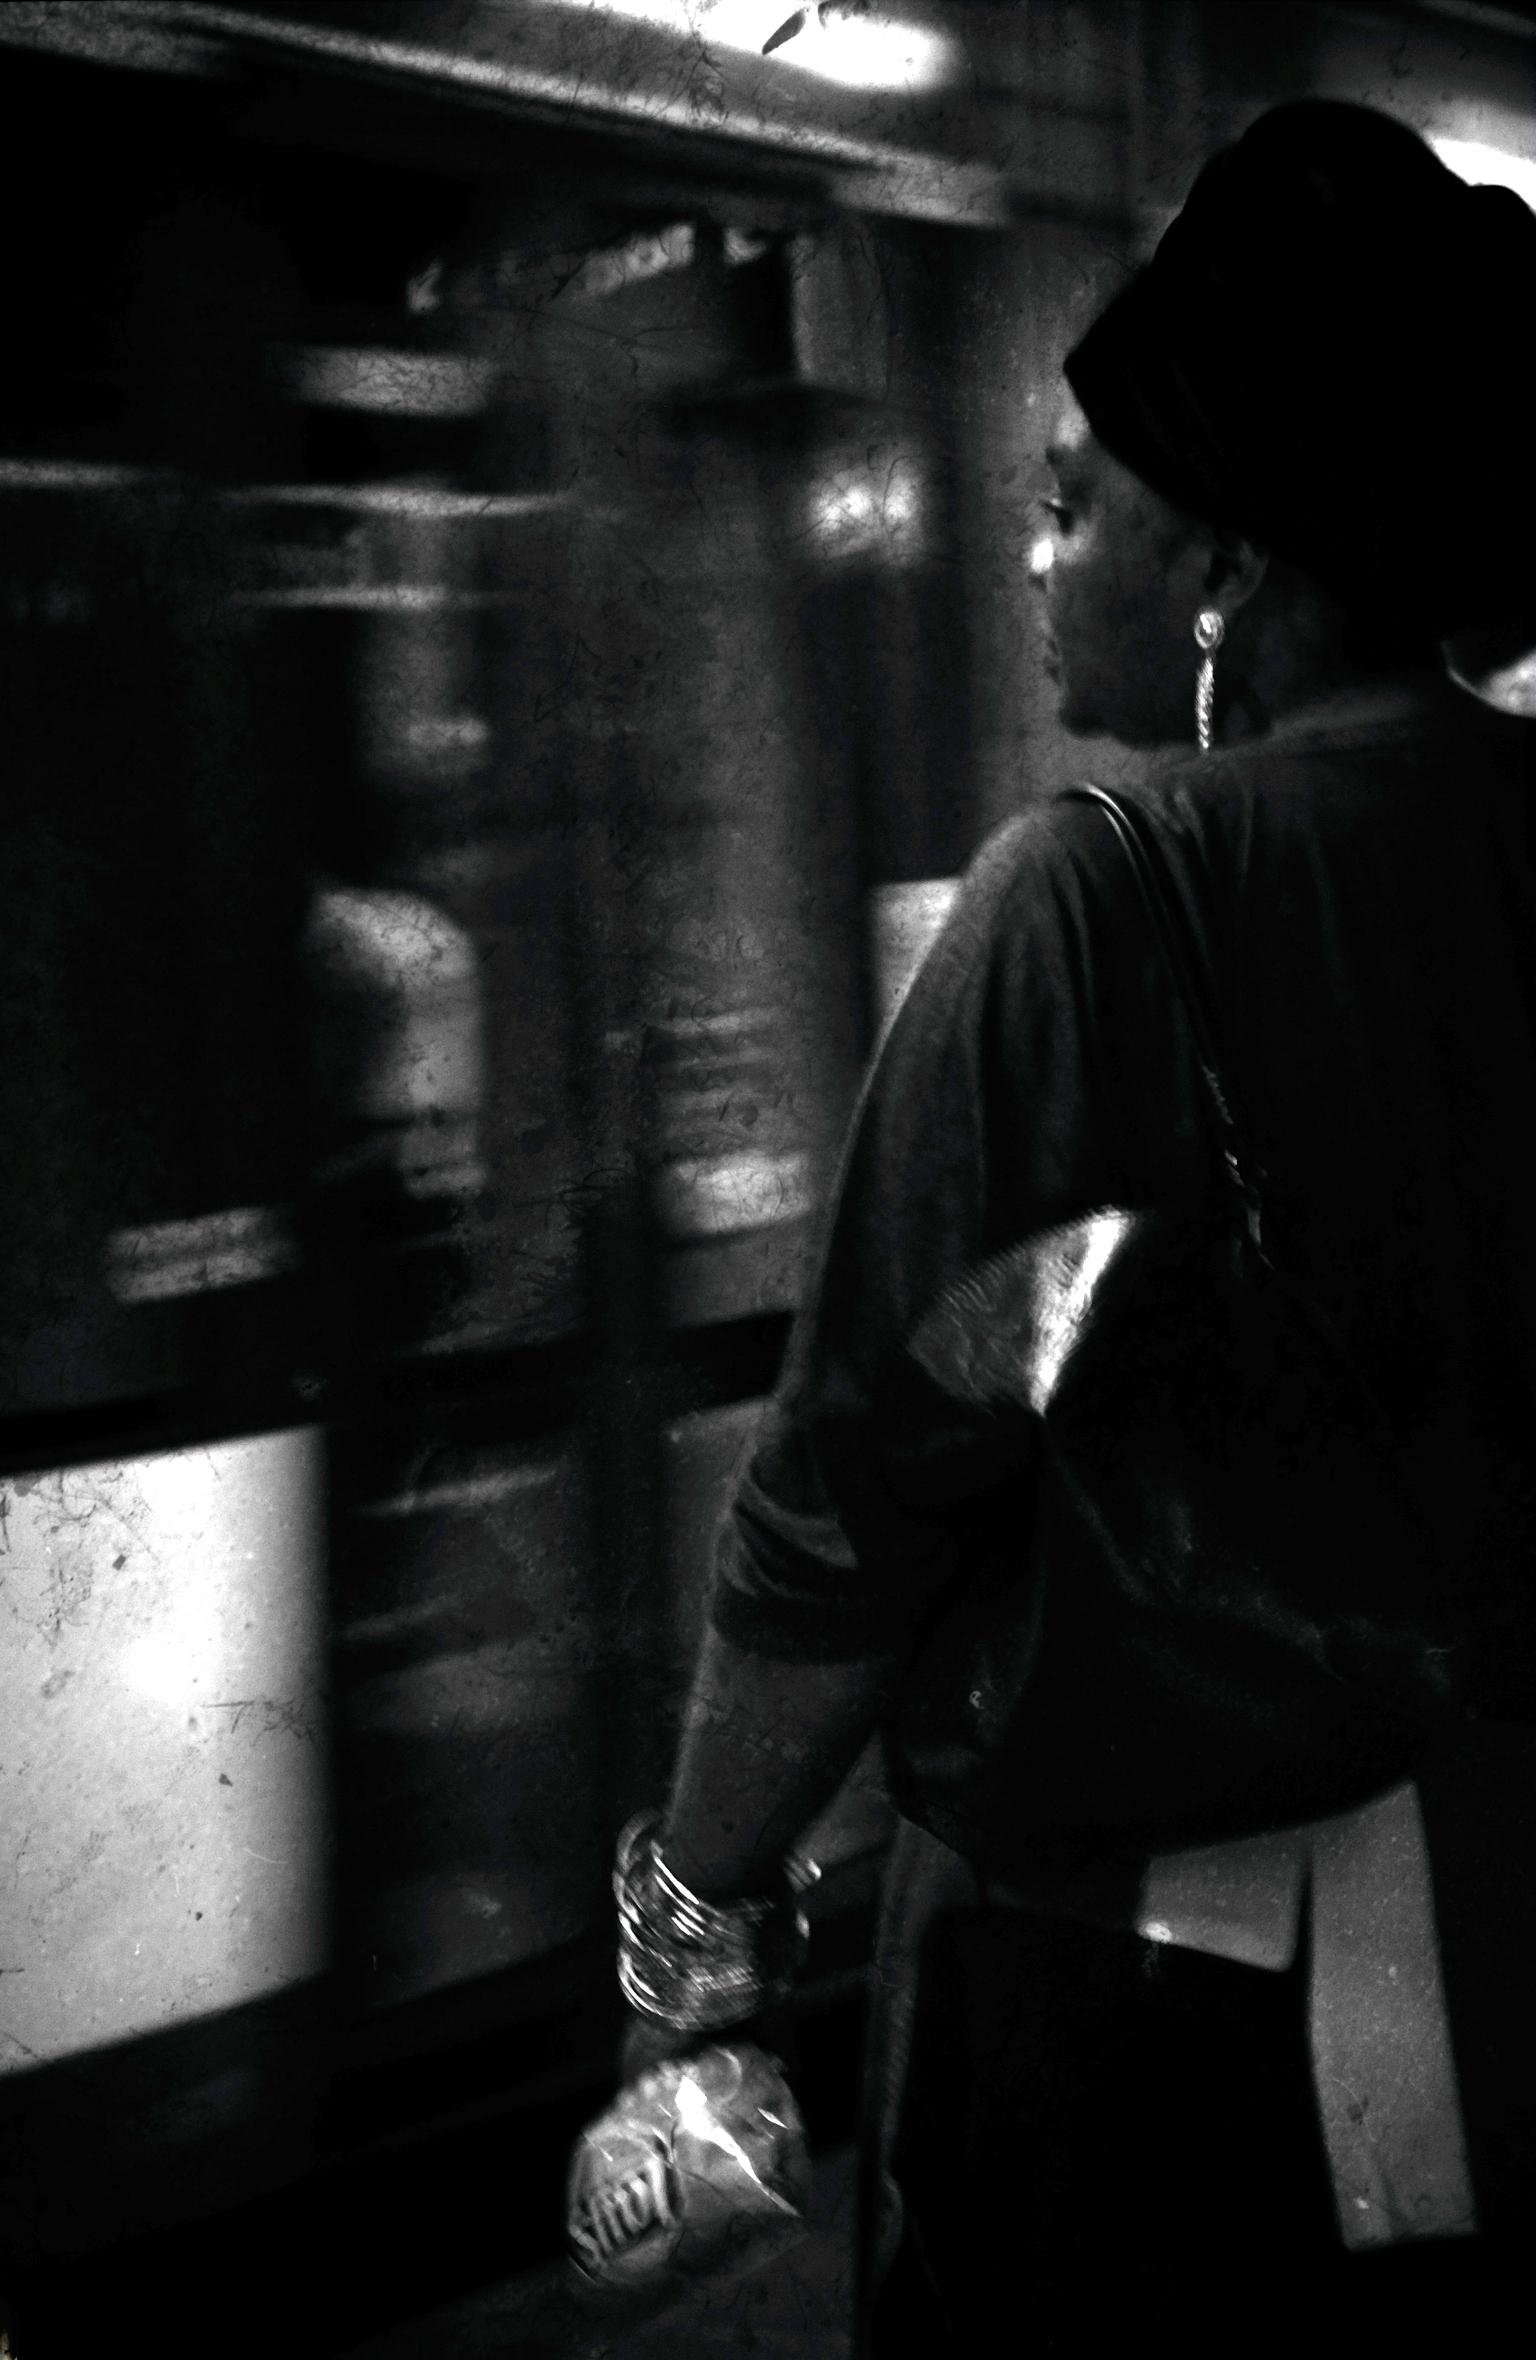 from the underground - groot zien aug  de Zwitserse  fotograaf Willy Spiller ontdekt die  jarenlang mensen in de New Yorkse metro fotografeerden .  Dit in de metro van Antw - foto door c.buitendijk53 op 15-04-2021 - deze foto bevat: metro,, subway,, u bahn,, openbaarvervoer, antwerpen, zwart, flitsfotografie, staand, heeft, zwart en wit, stijl, cap, monochrome fotografie, duisternis, monochroom